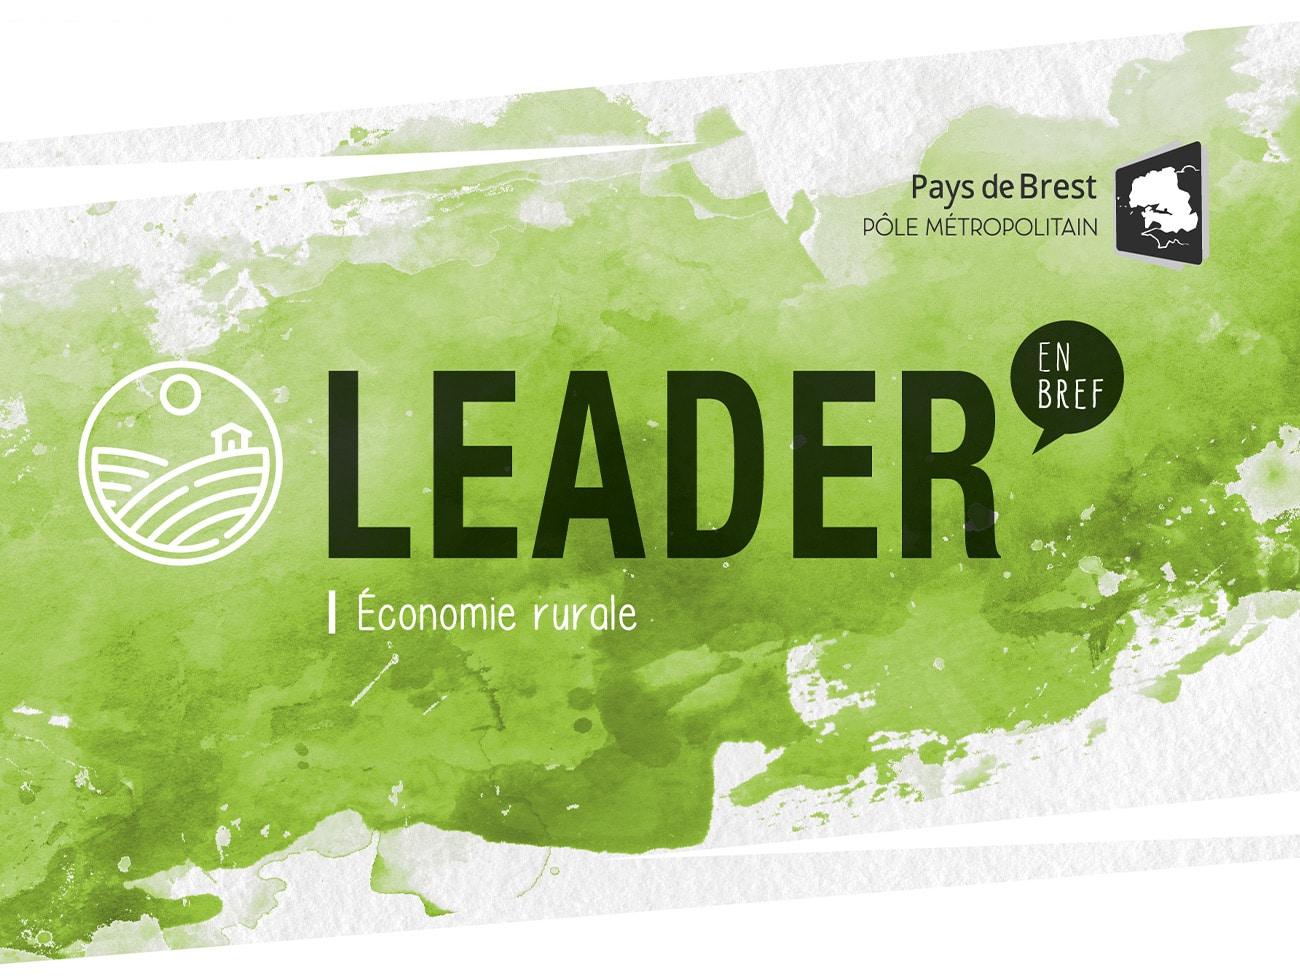 3-pole-metropolitain-campagne-fonds-communication-bretagne-lorient-LEADER